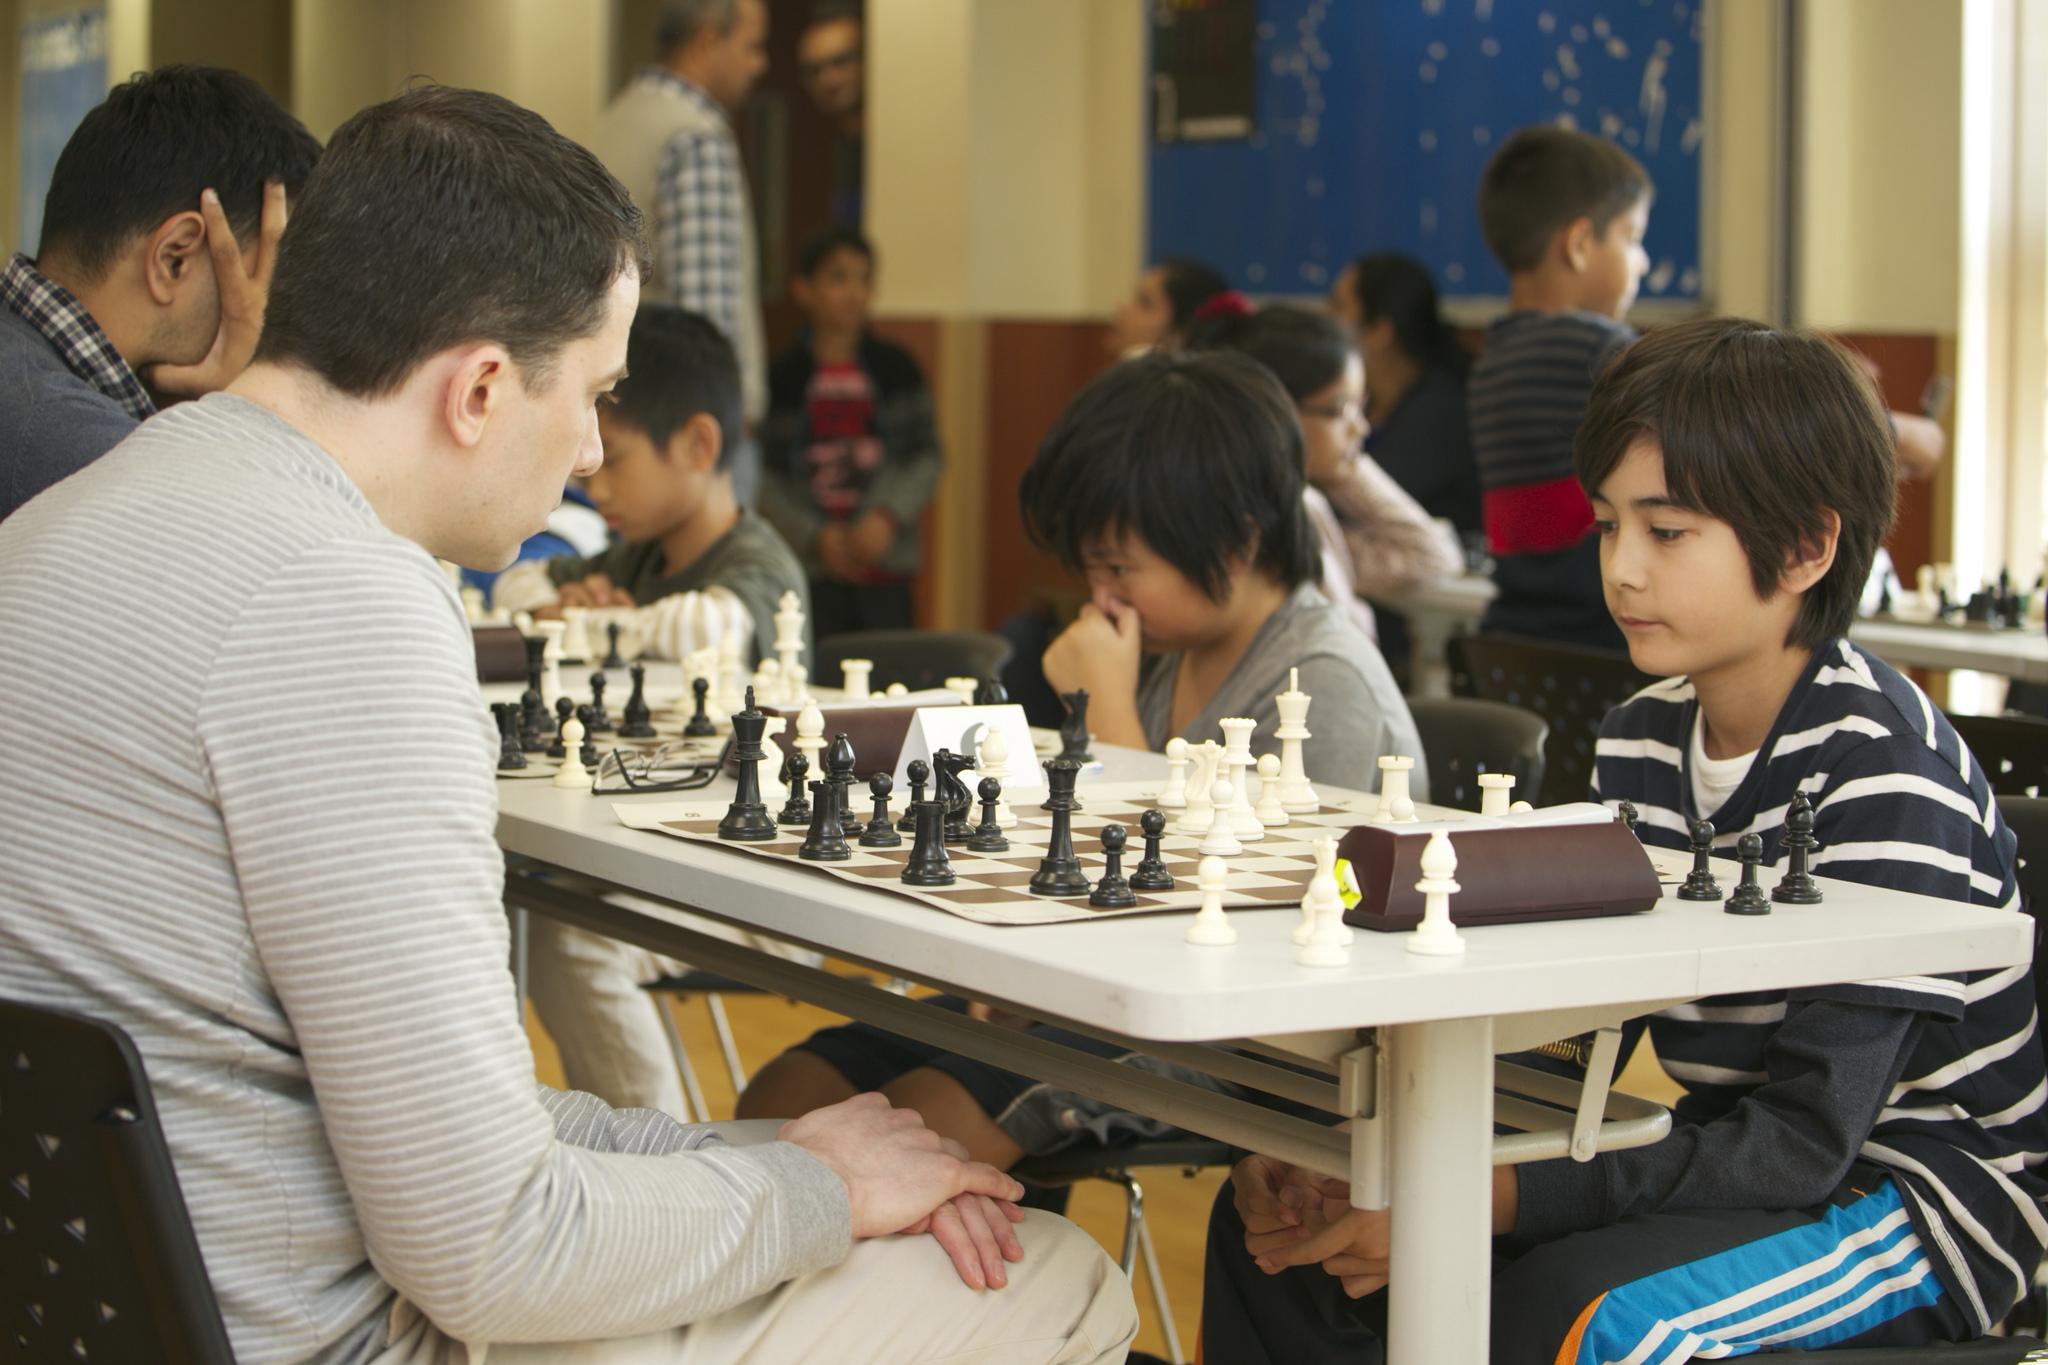 Qualifier Rounds - Miguel vs Nicholas